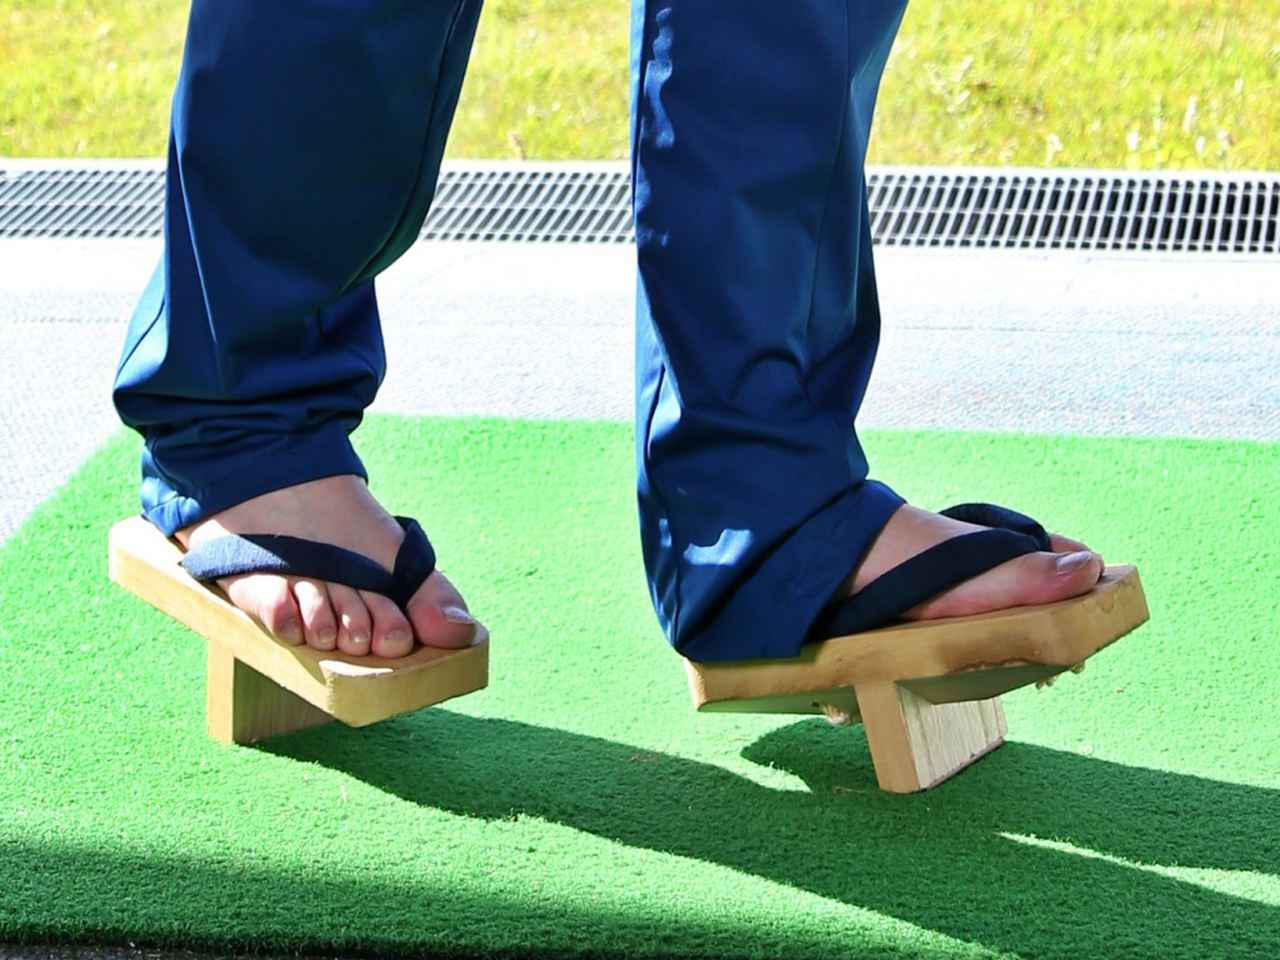 画像: 「右足のつま先でボールを踏んで打つと、バランスを保つのが難しくなる。下駄と同じ効果が得られるはずです」